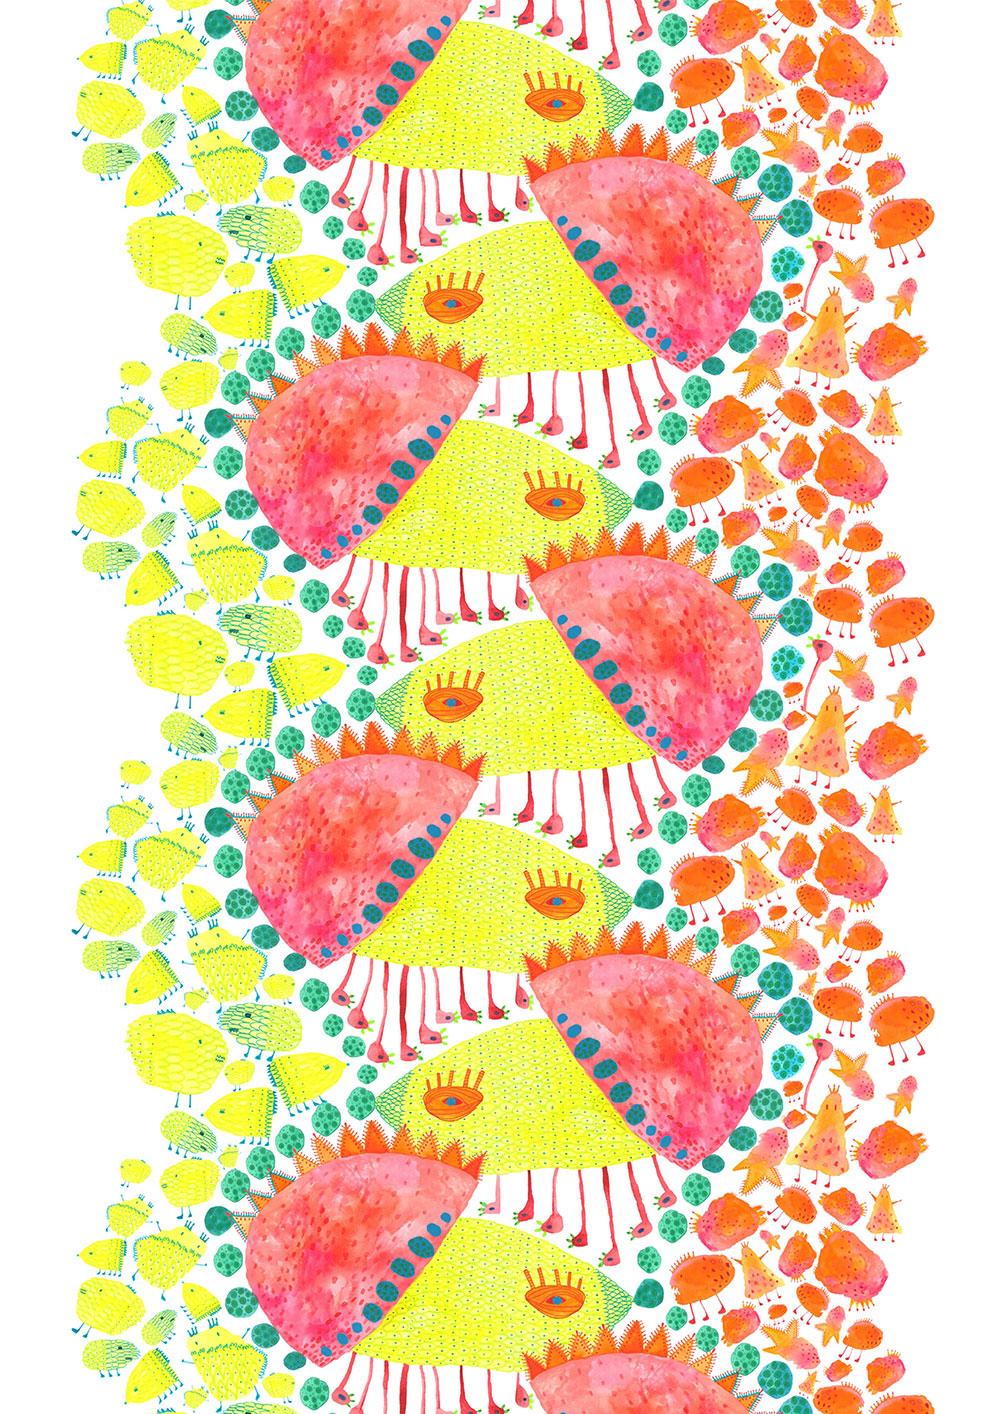 ירוק-צהוב-תכלת- אדום-ורוד-כתום. איור מתוך בוטניקה מפלצתית